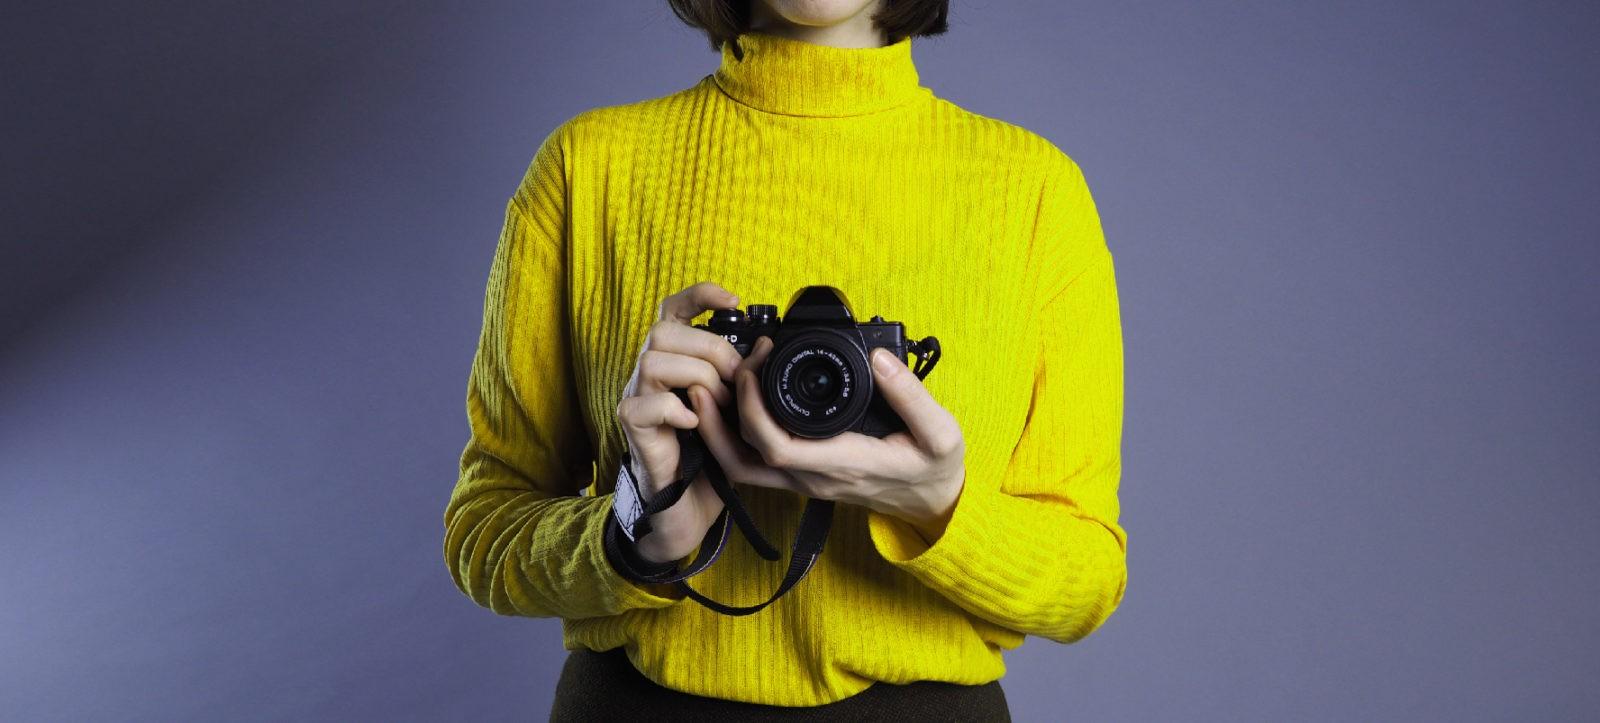 Cómo Conseguir Clientes en Fotografía